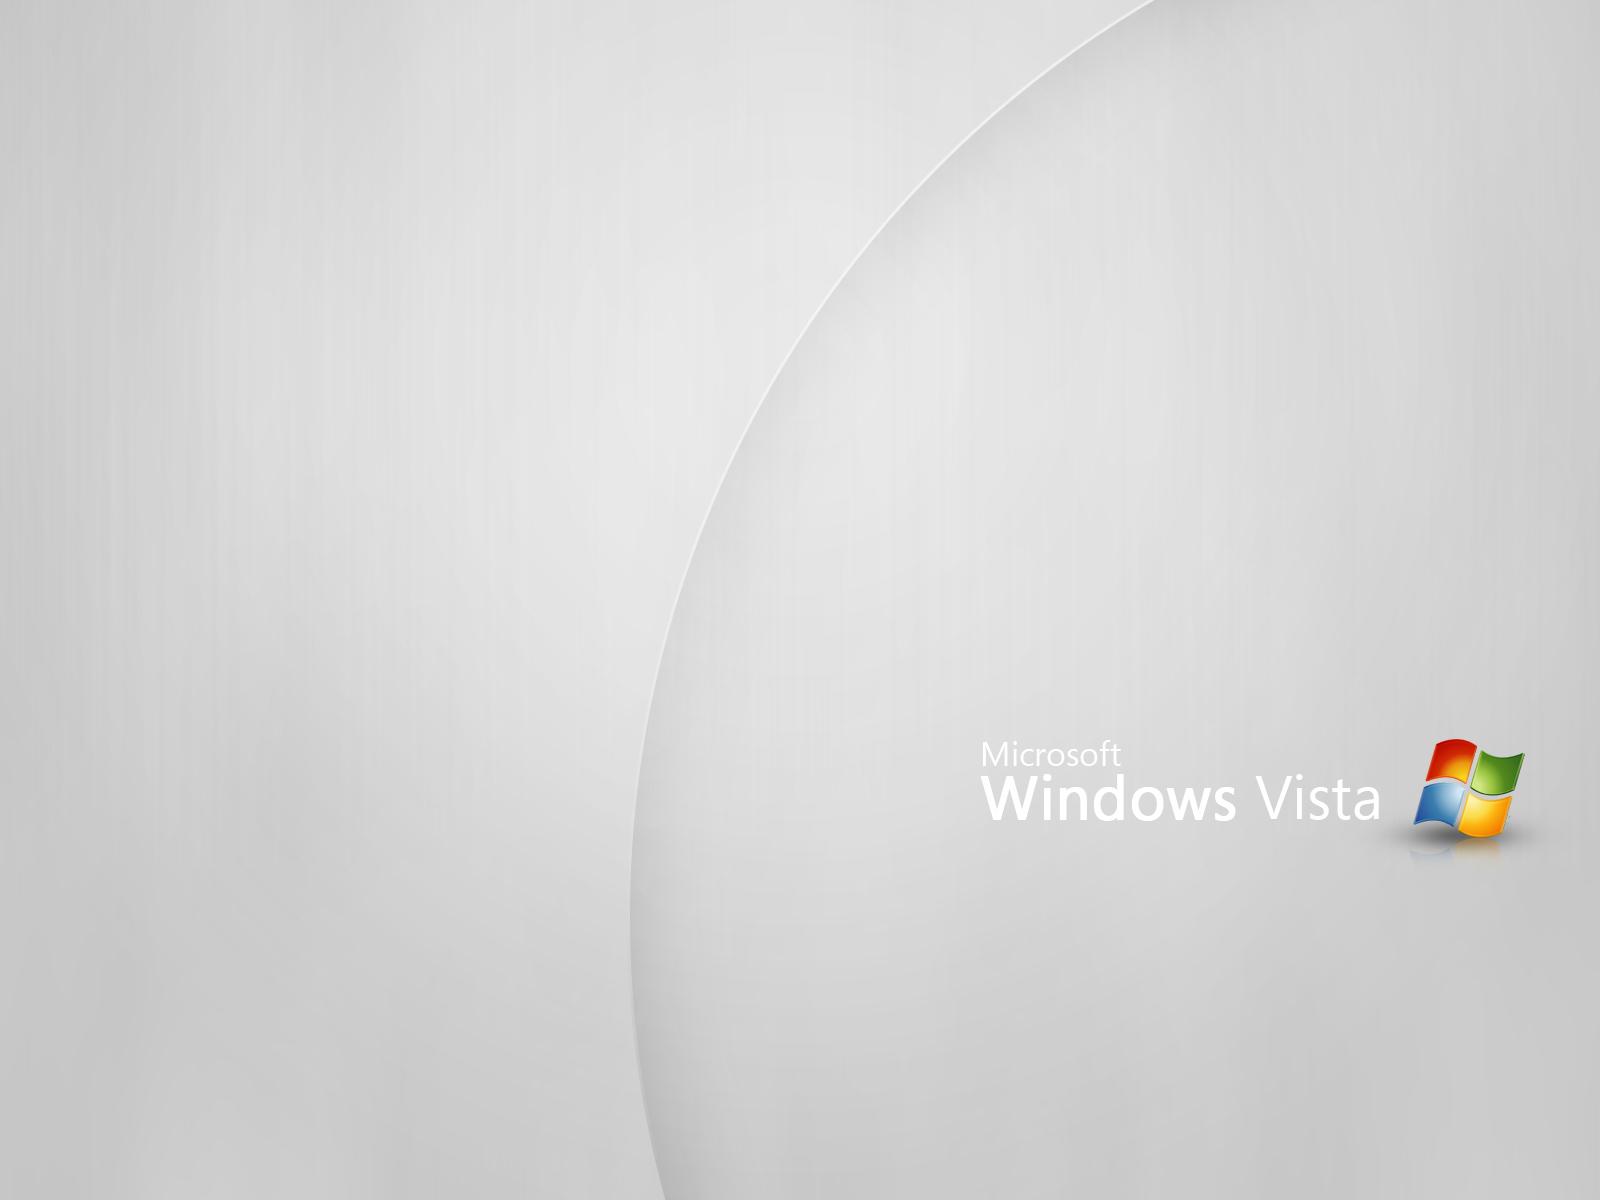 Windows XP metal wallpaper, aluminium, скачать фото, обои для рабочего стола, алюминий